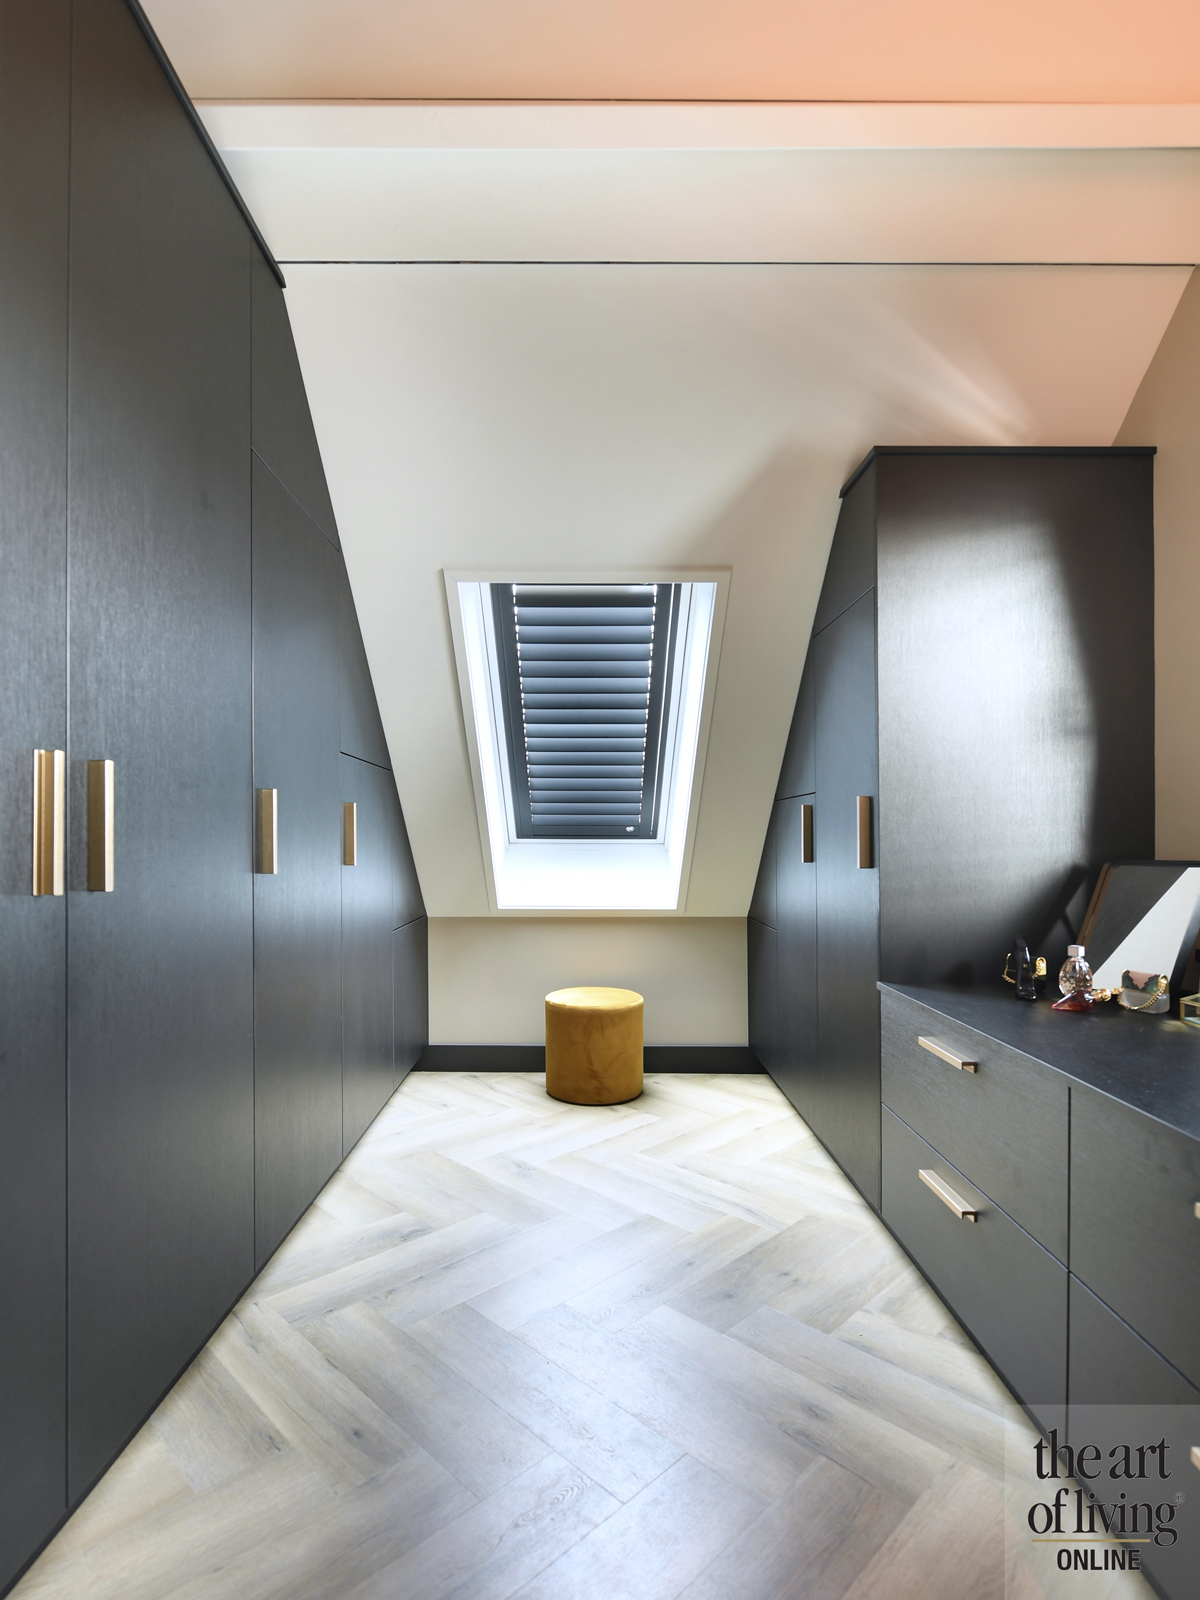 Warm interieur   Hemels wonen, the art of living